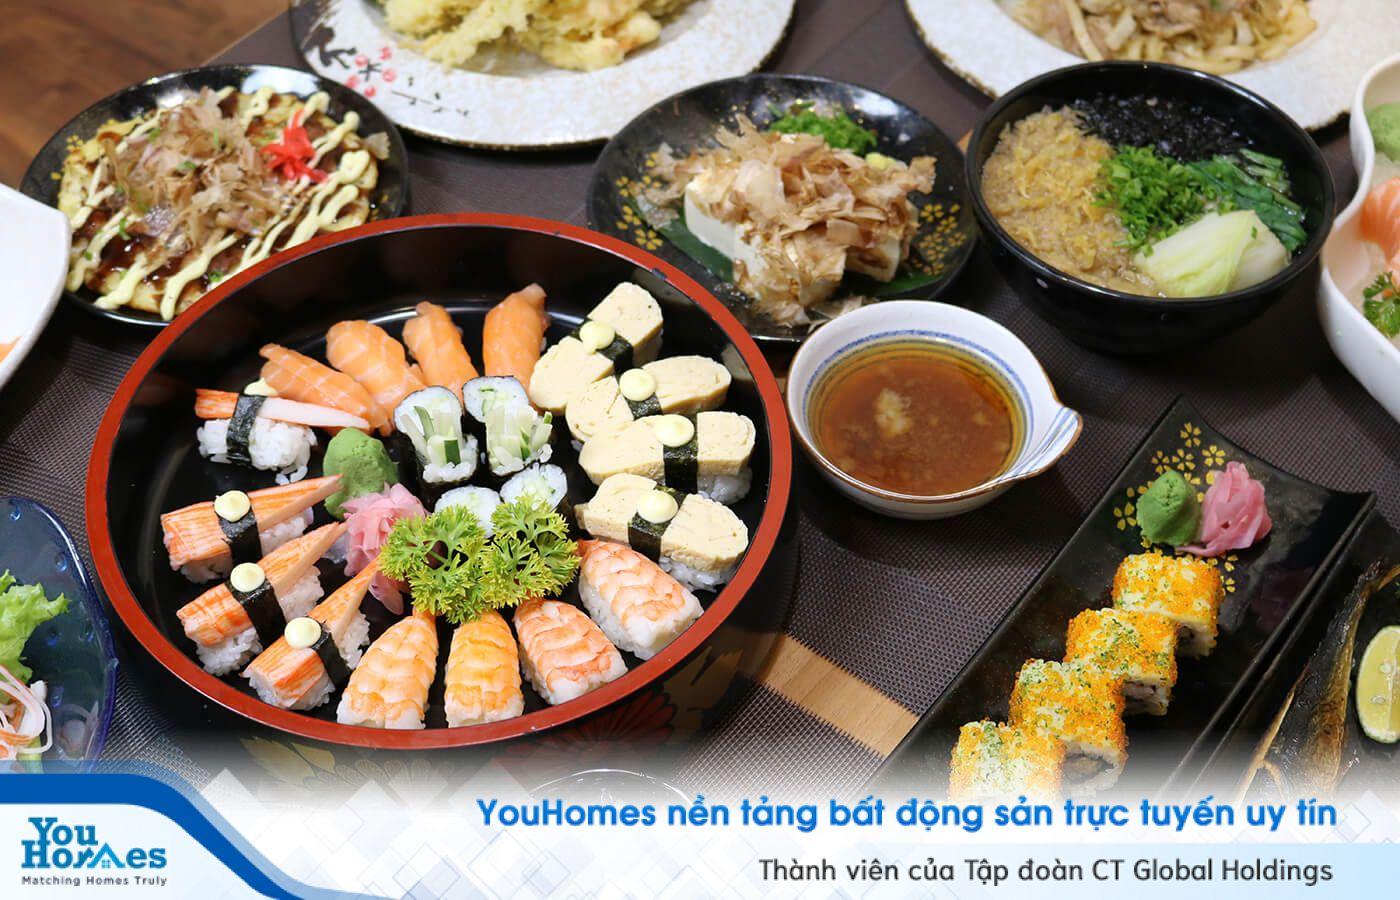 Gợi ý cho bạn 3 nhà hàng Nhật Bản ngon gần Vinhomes Center Park